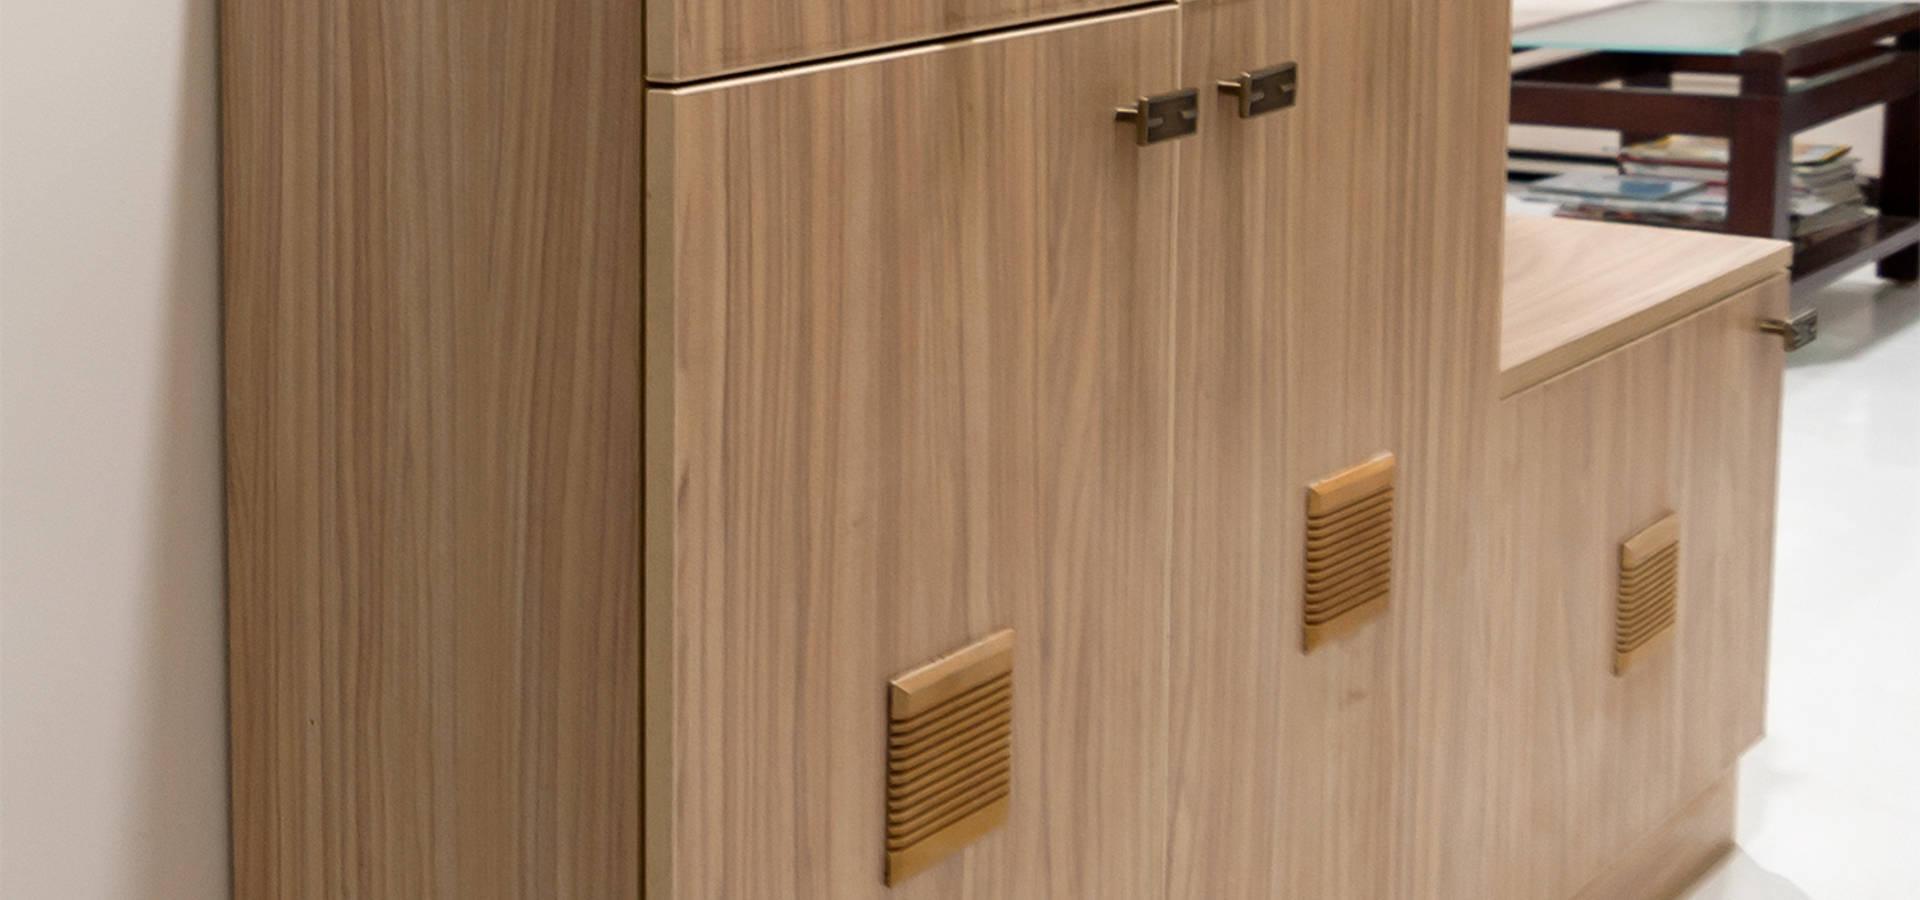 Wenzelsmith Interior Design Pvt Ltd